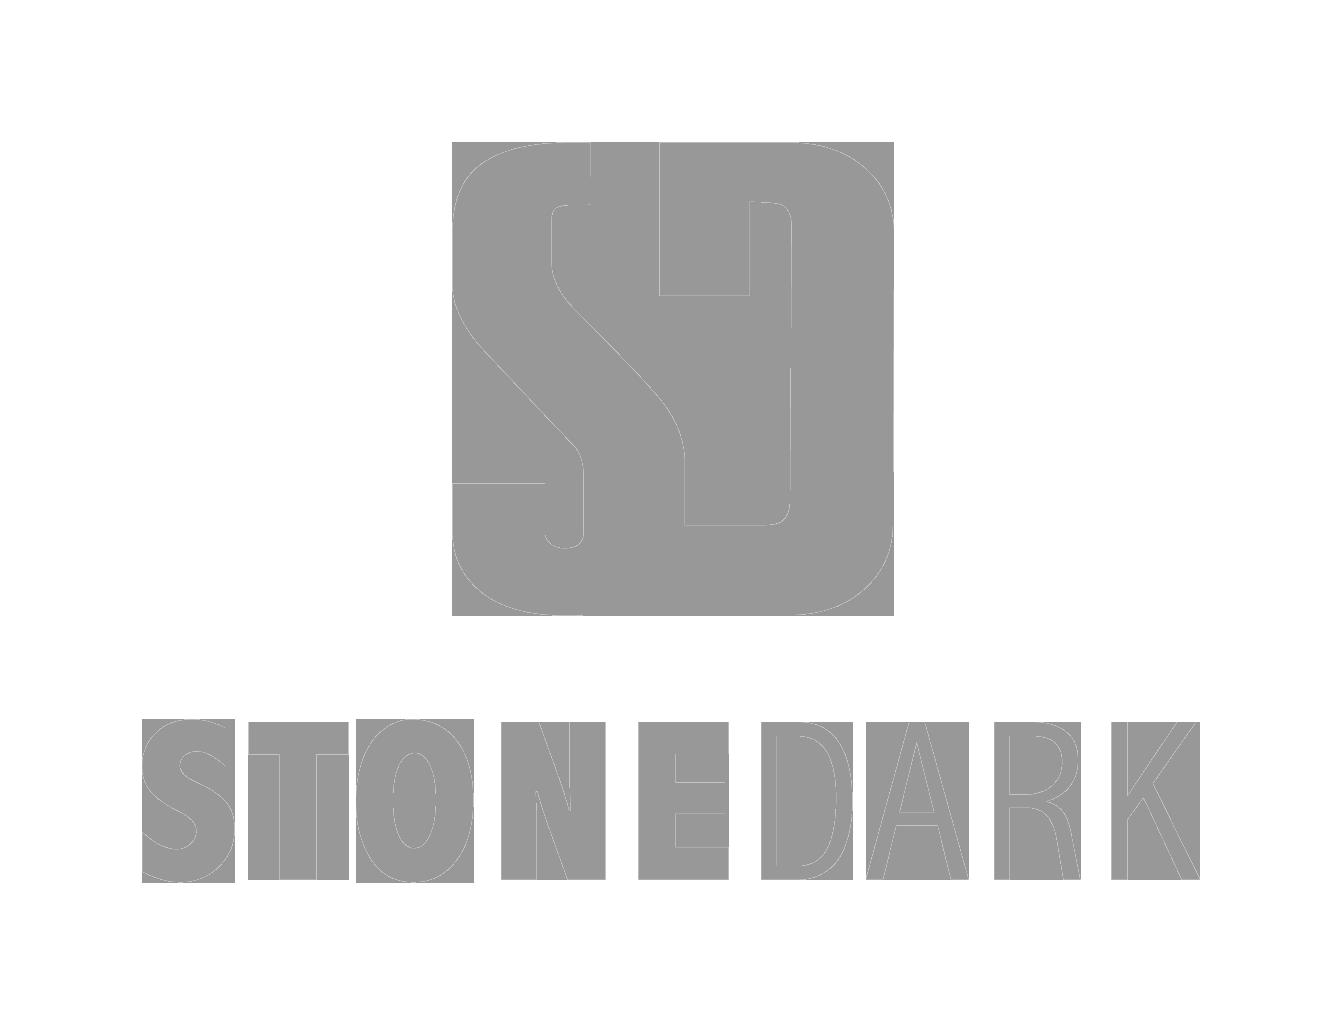 stonedark